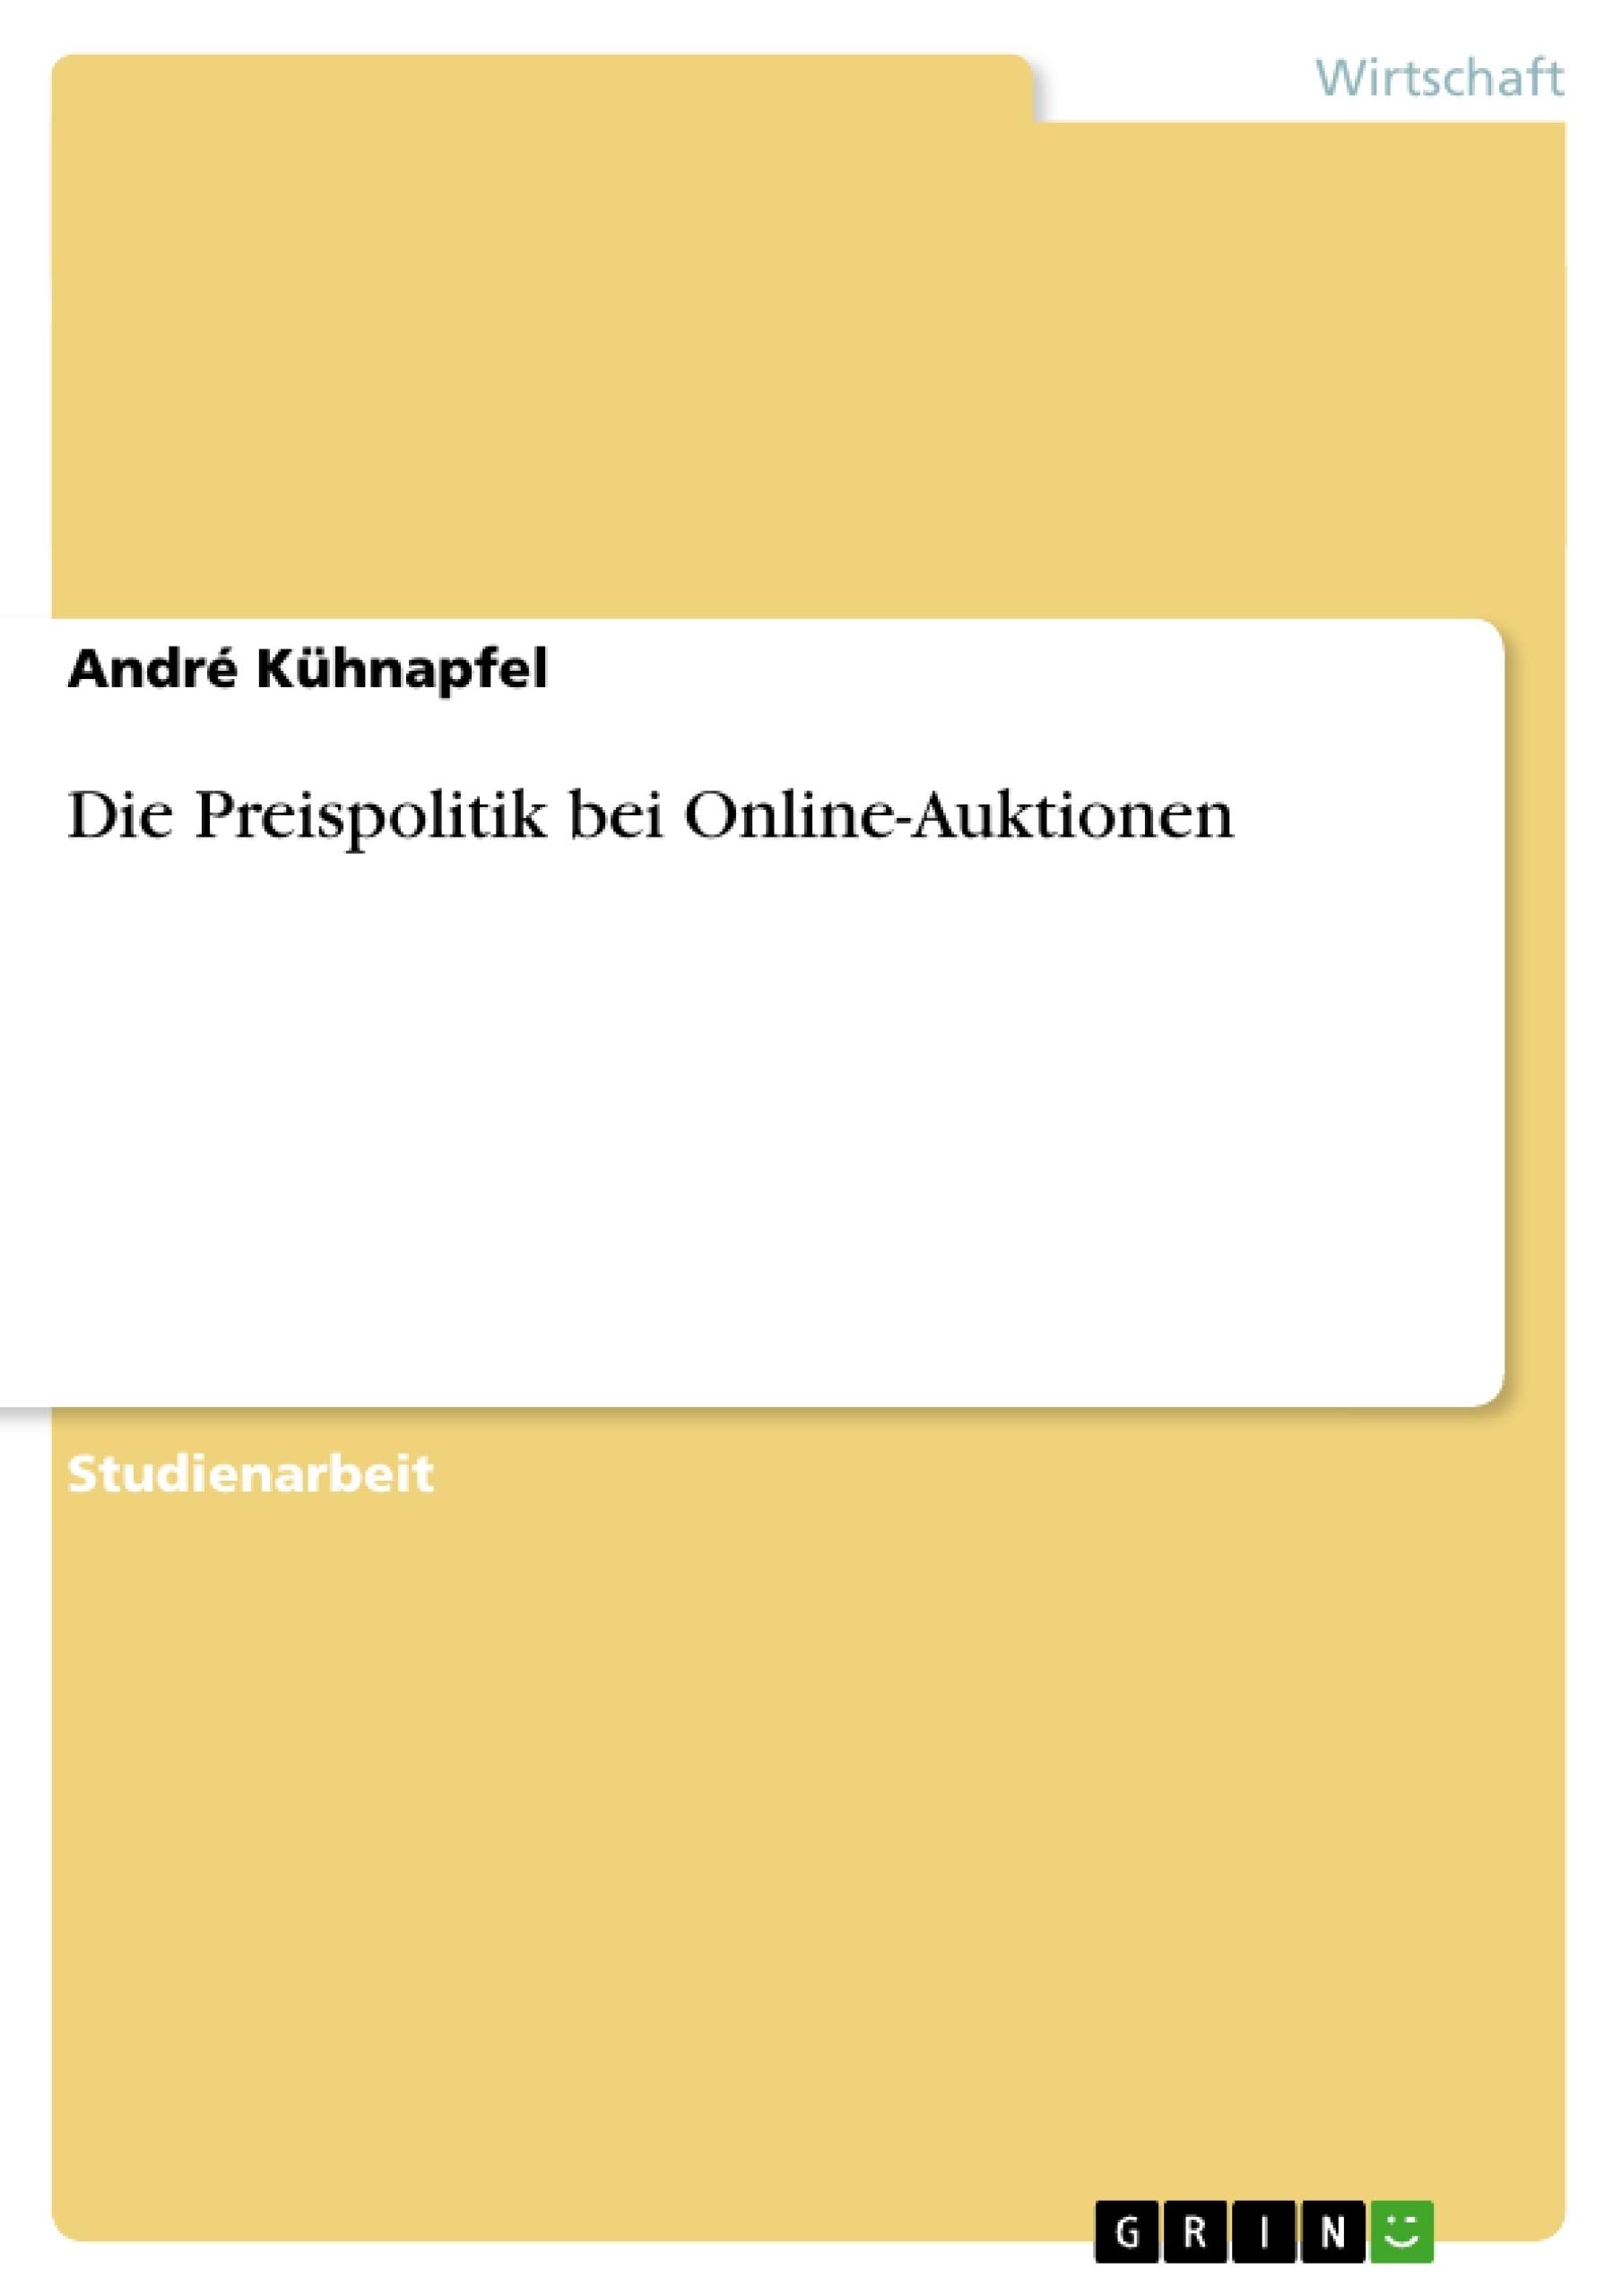 Titel: Die Preispolitik bei Online-Auktionen